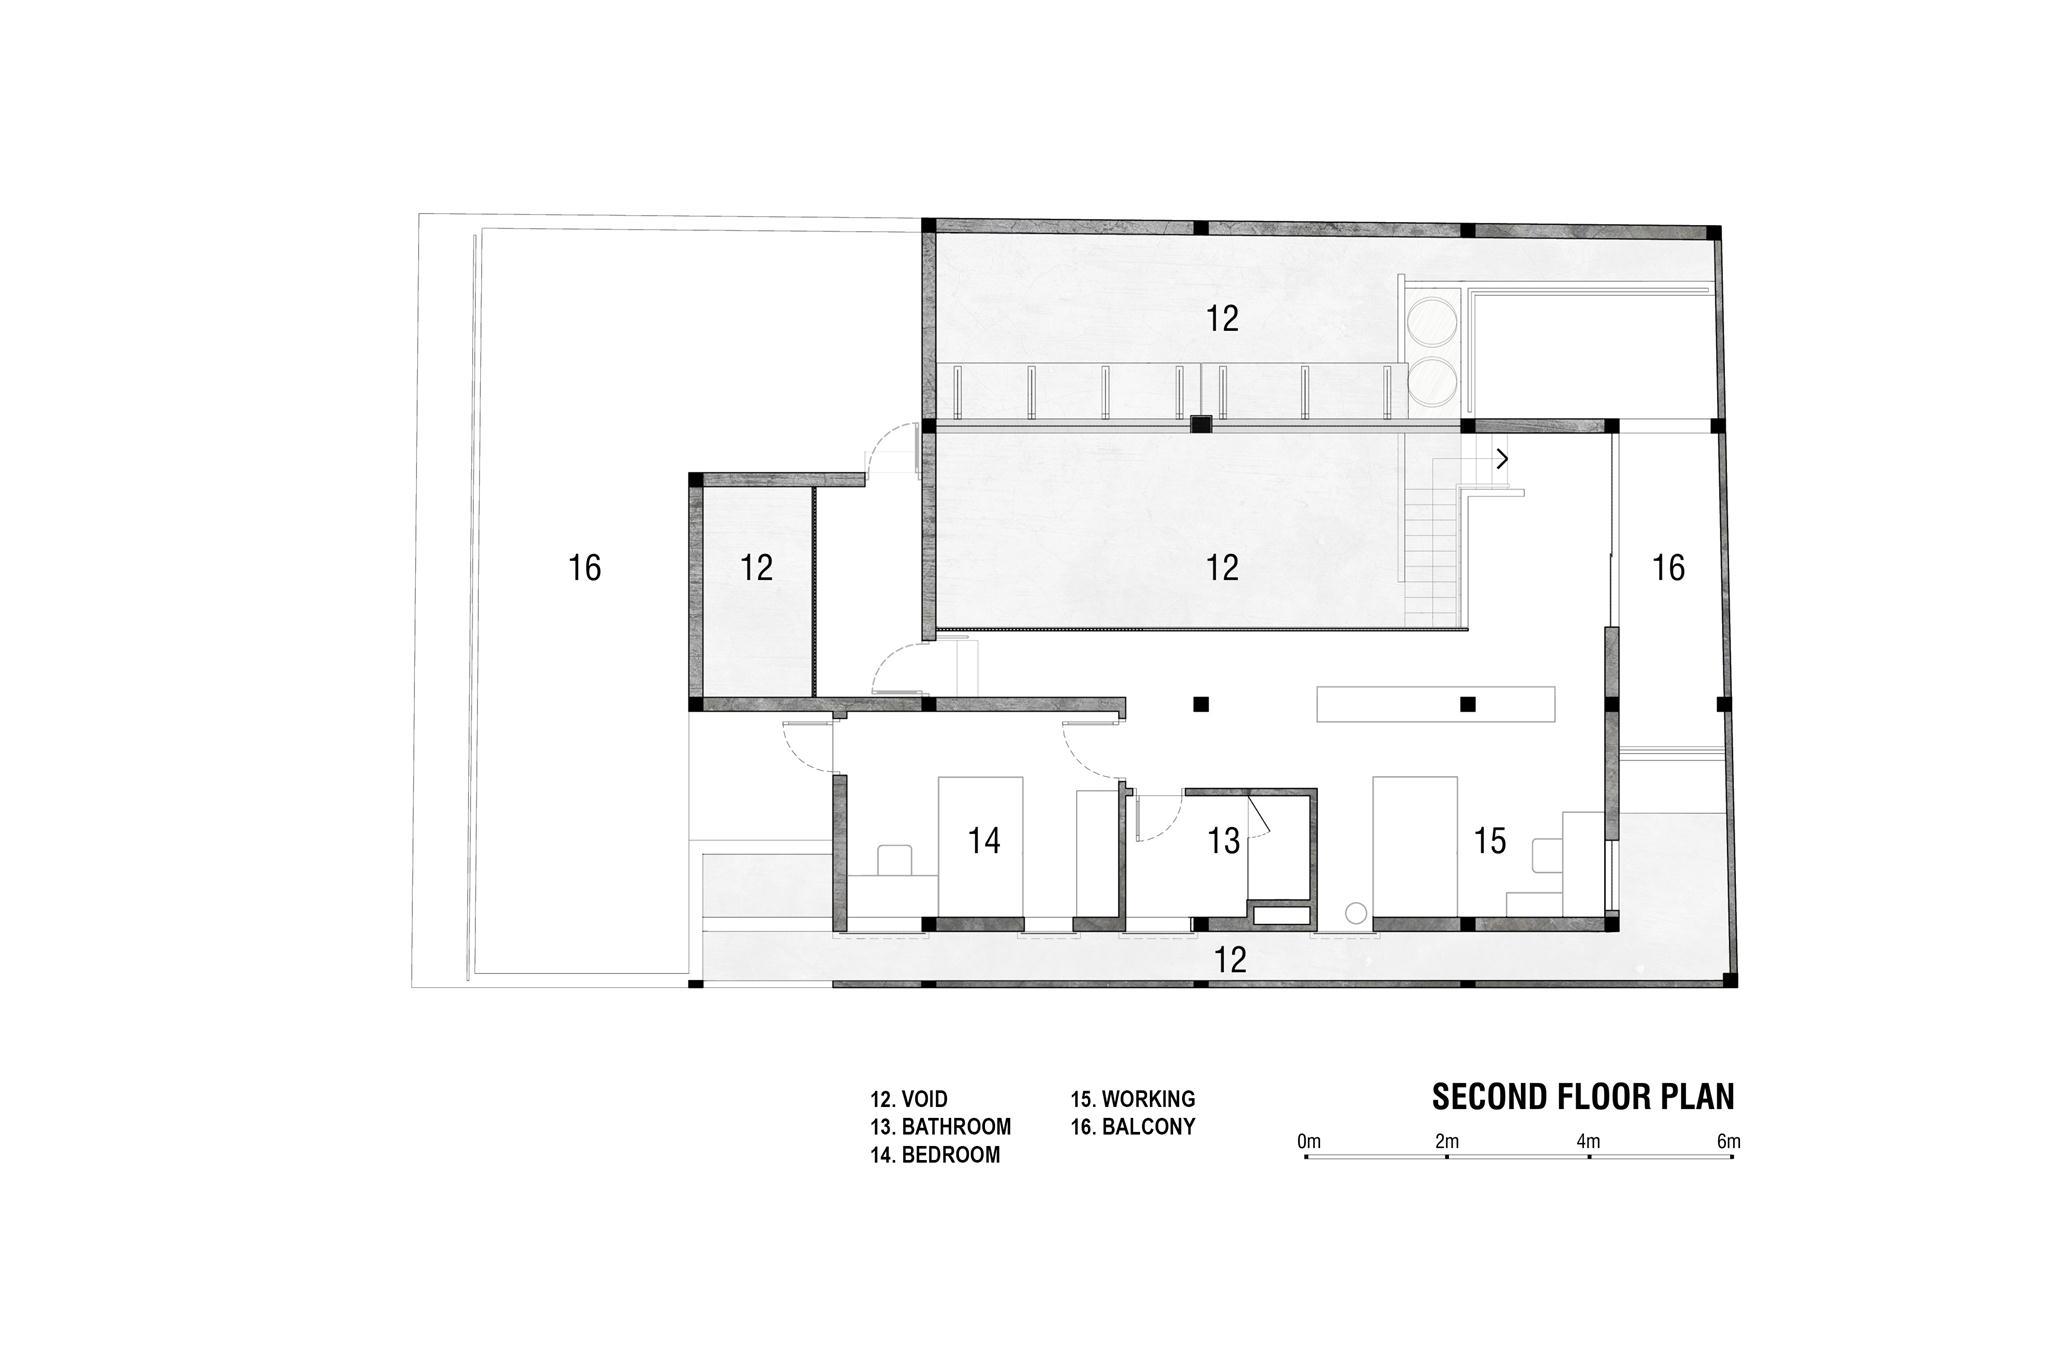 19-Second-Floor-Plan-Copy.jpg